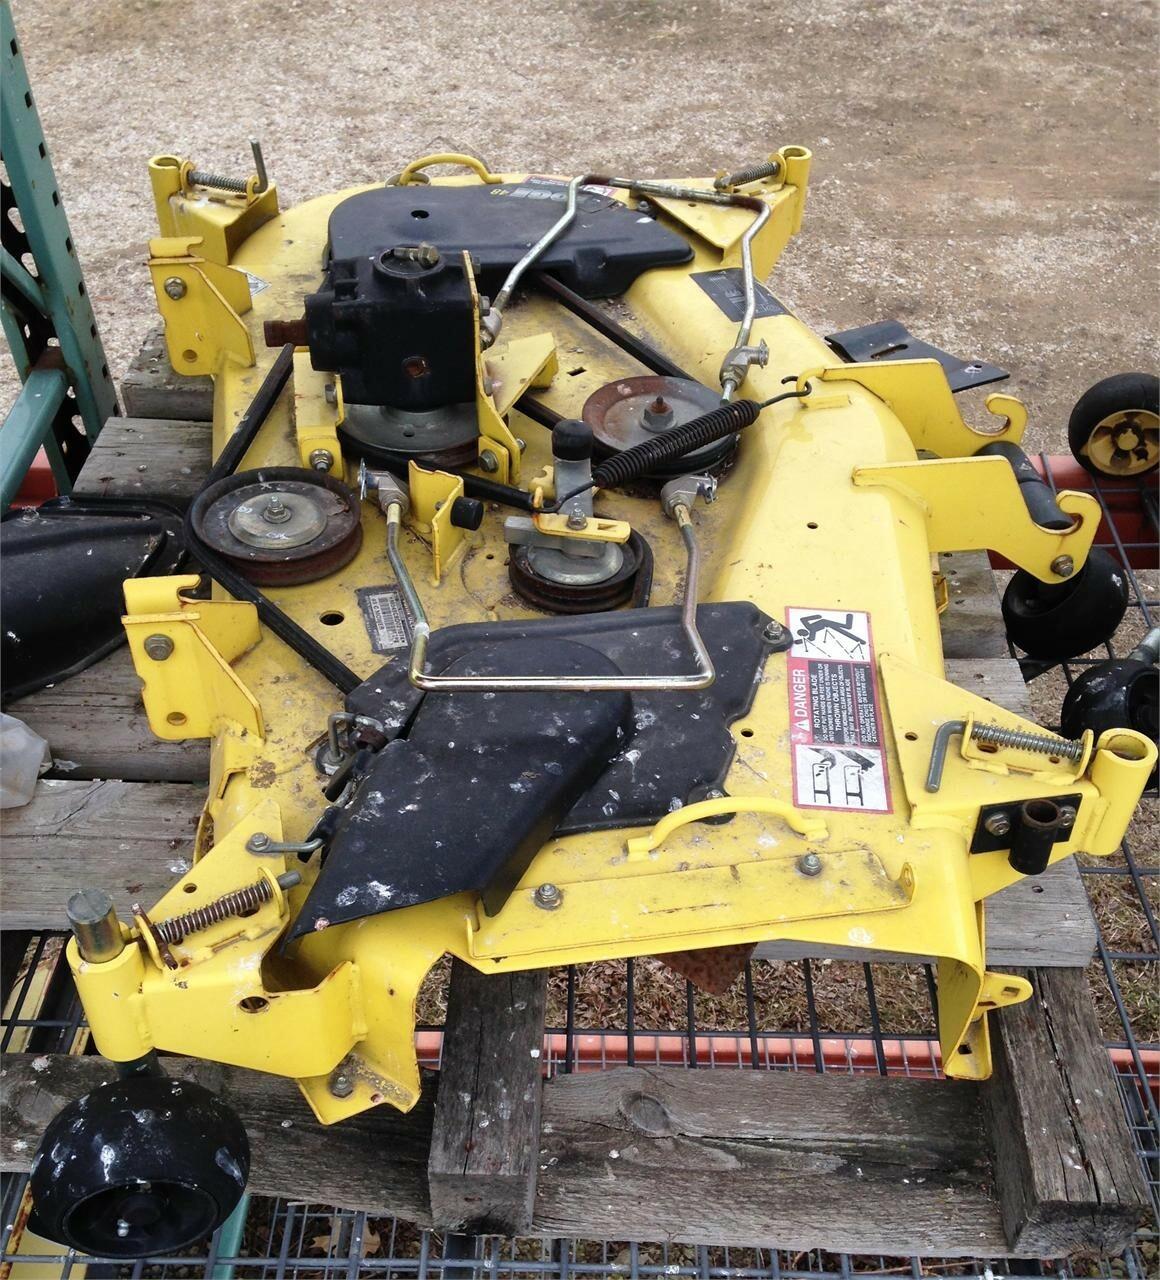 2004 John Deere 48C Lawn and Garden